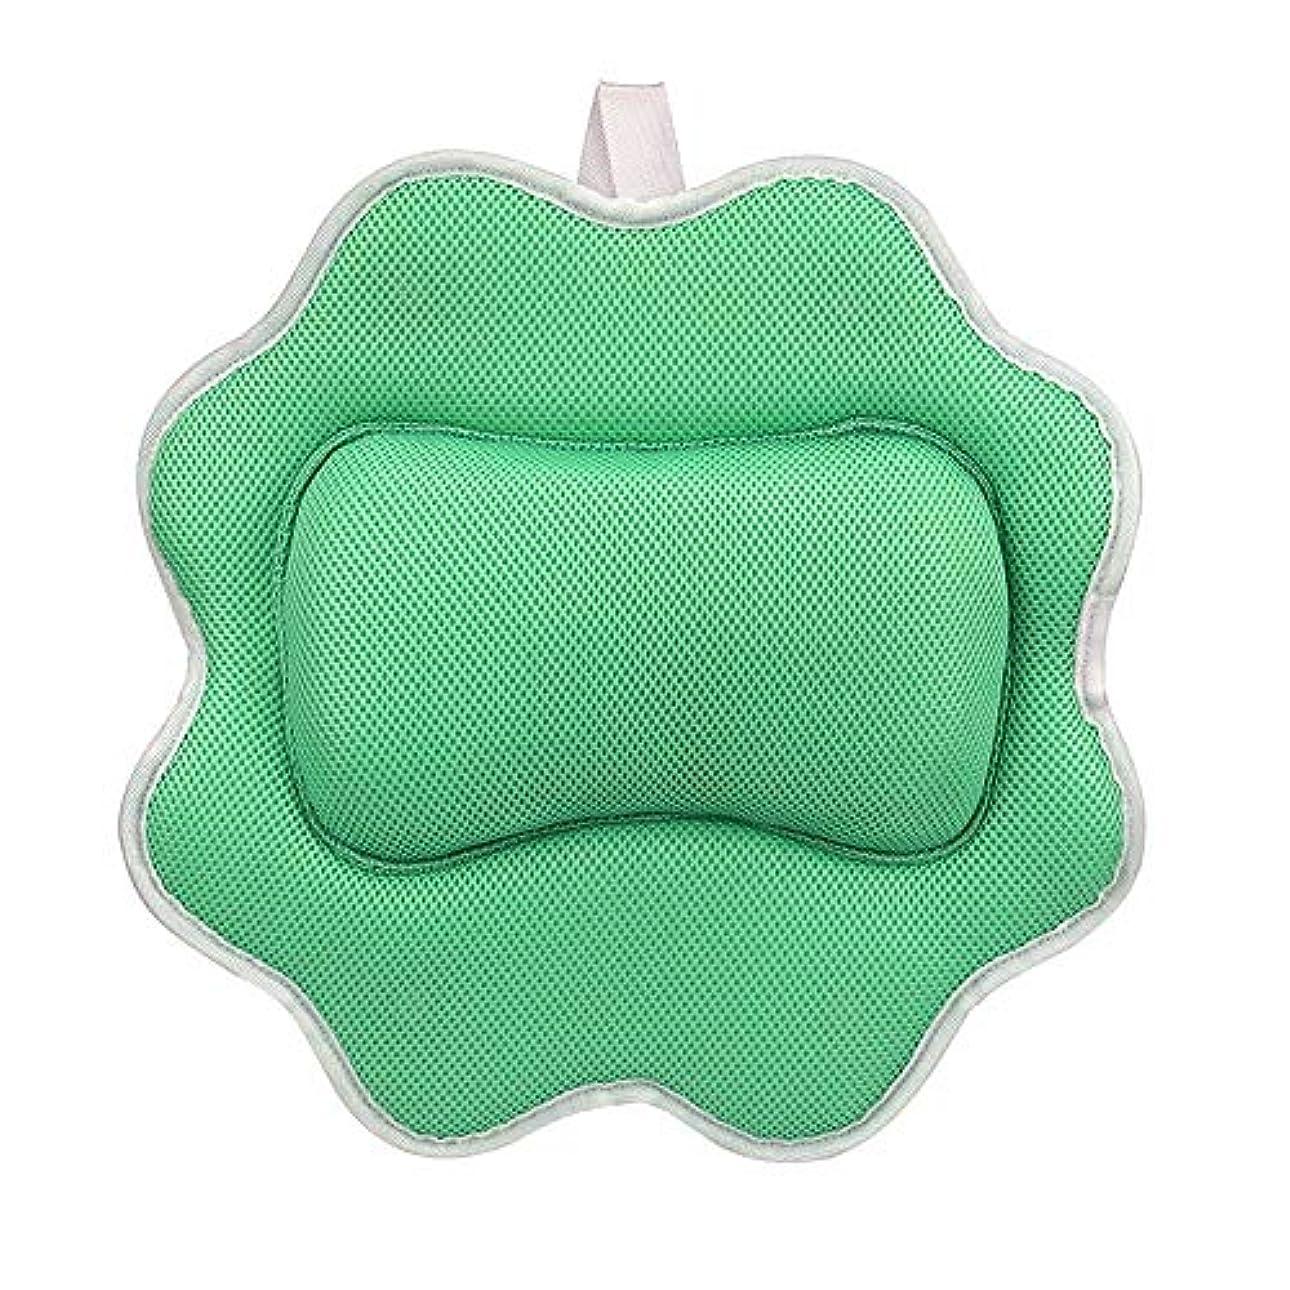 共和党書店拡散するサンフラワーバスピロースパマッサージ枕用アップグレード5 dエアーメッシュ技術あなたの肌と首を保護、洗濯機で洗えます